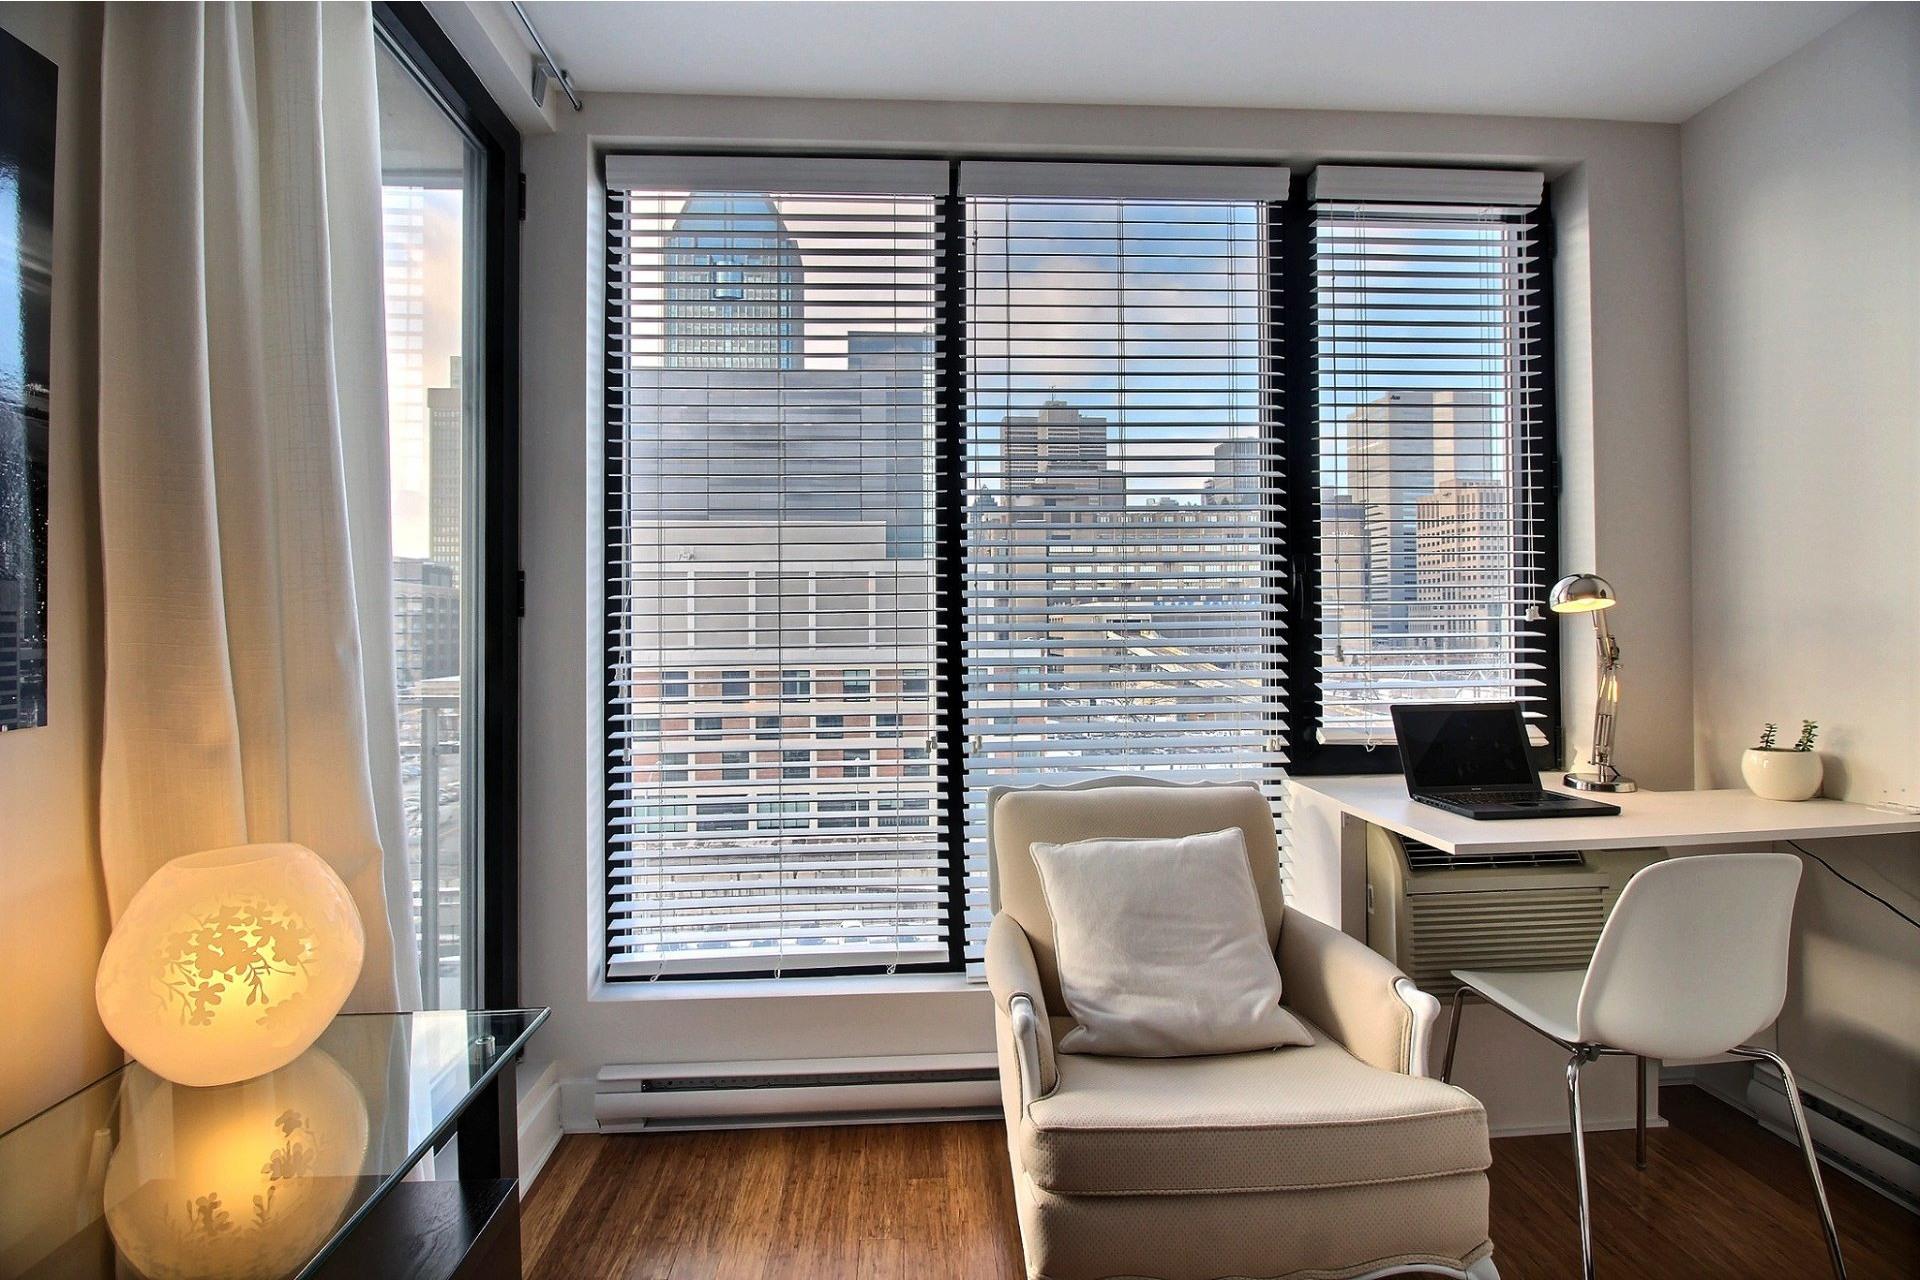 image 7 - Appartement À louer Montréal Le Sud-Ouest  - 7 pièces